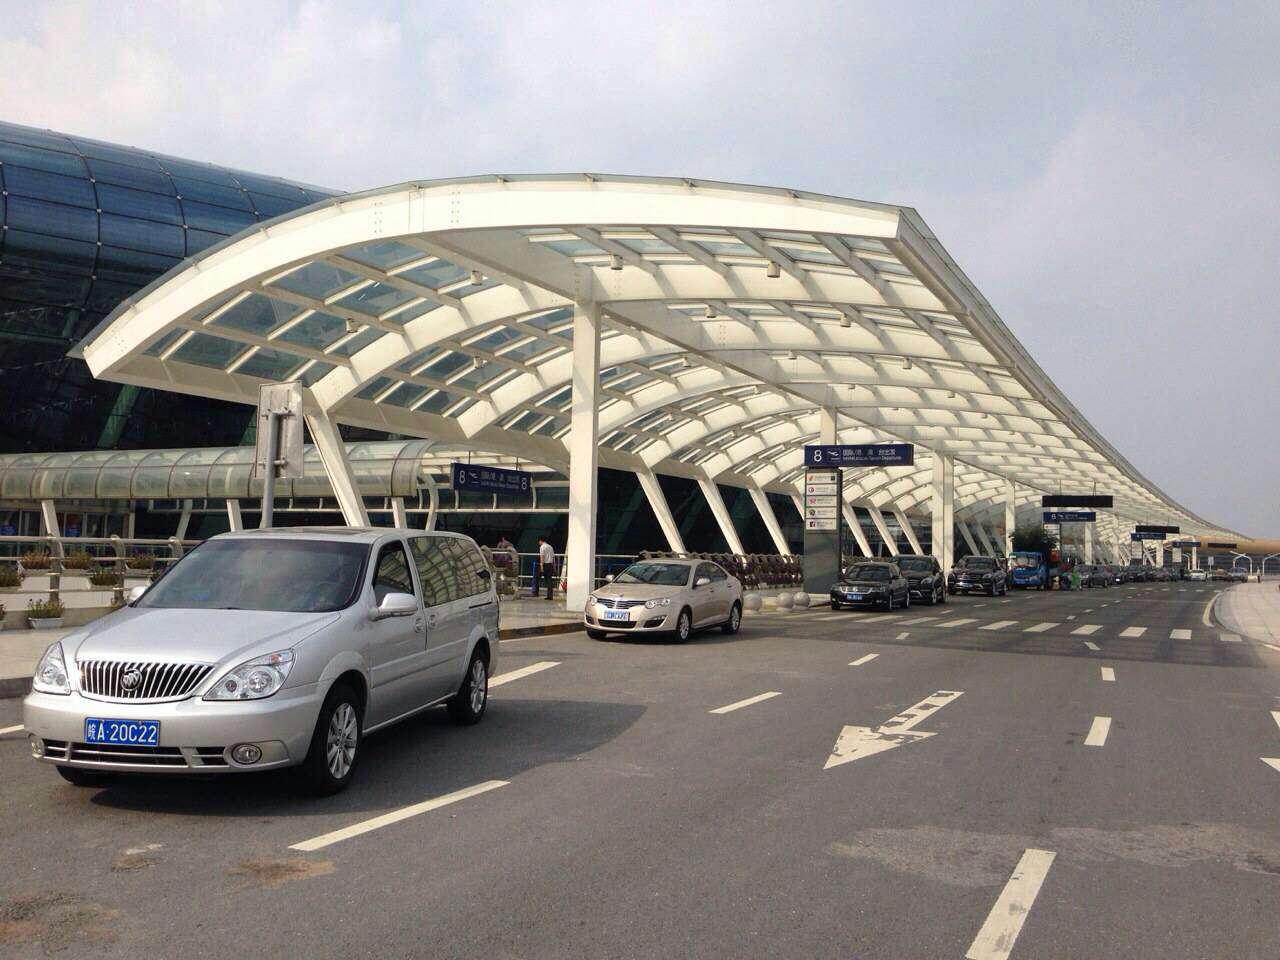 6月3日合肥良友汽车租赁公司别克商务在新桥机场接机